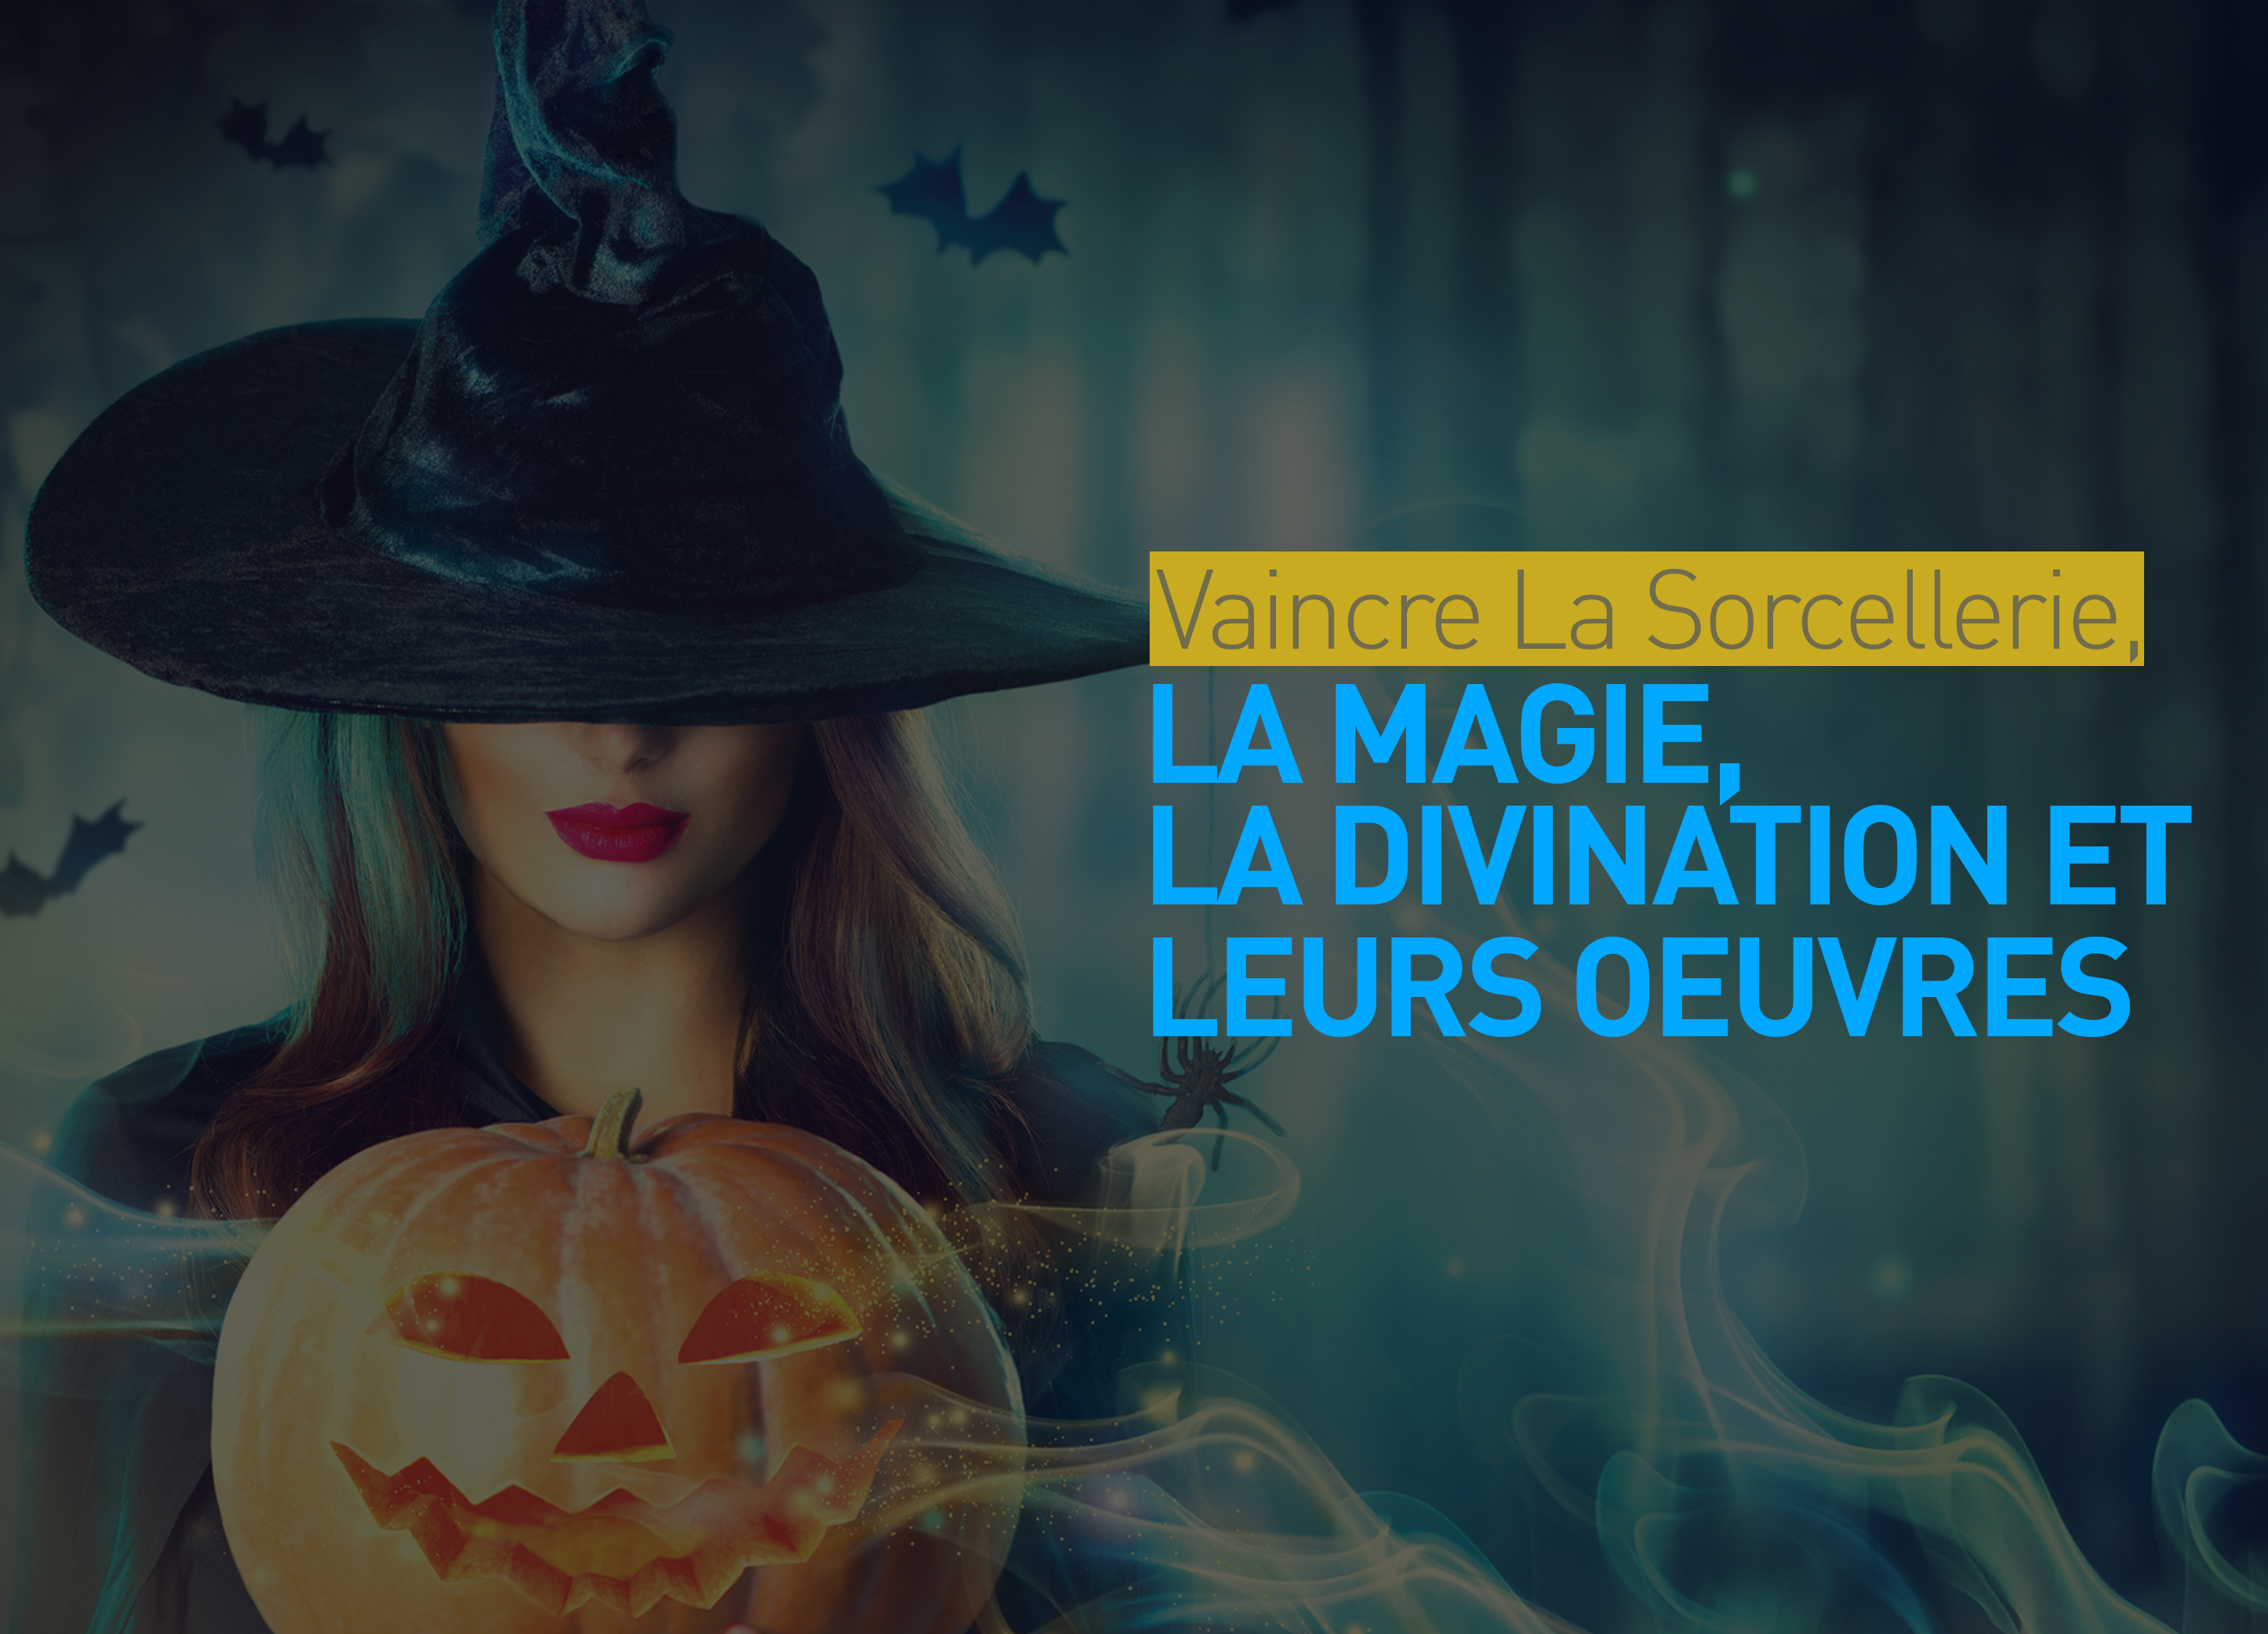 5- Vaincre la sorcellerie, la magie, la divination et leurs oeuvres